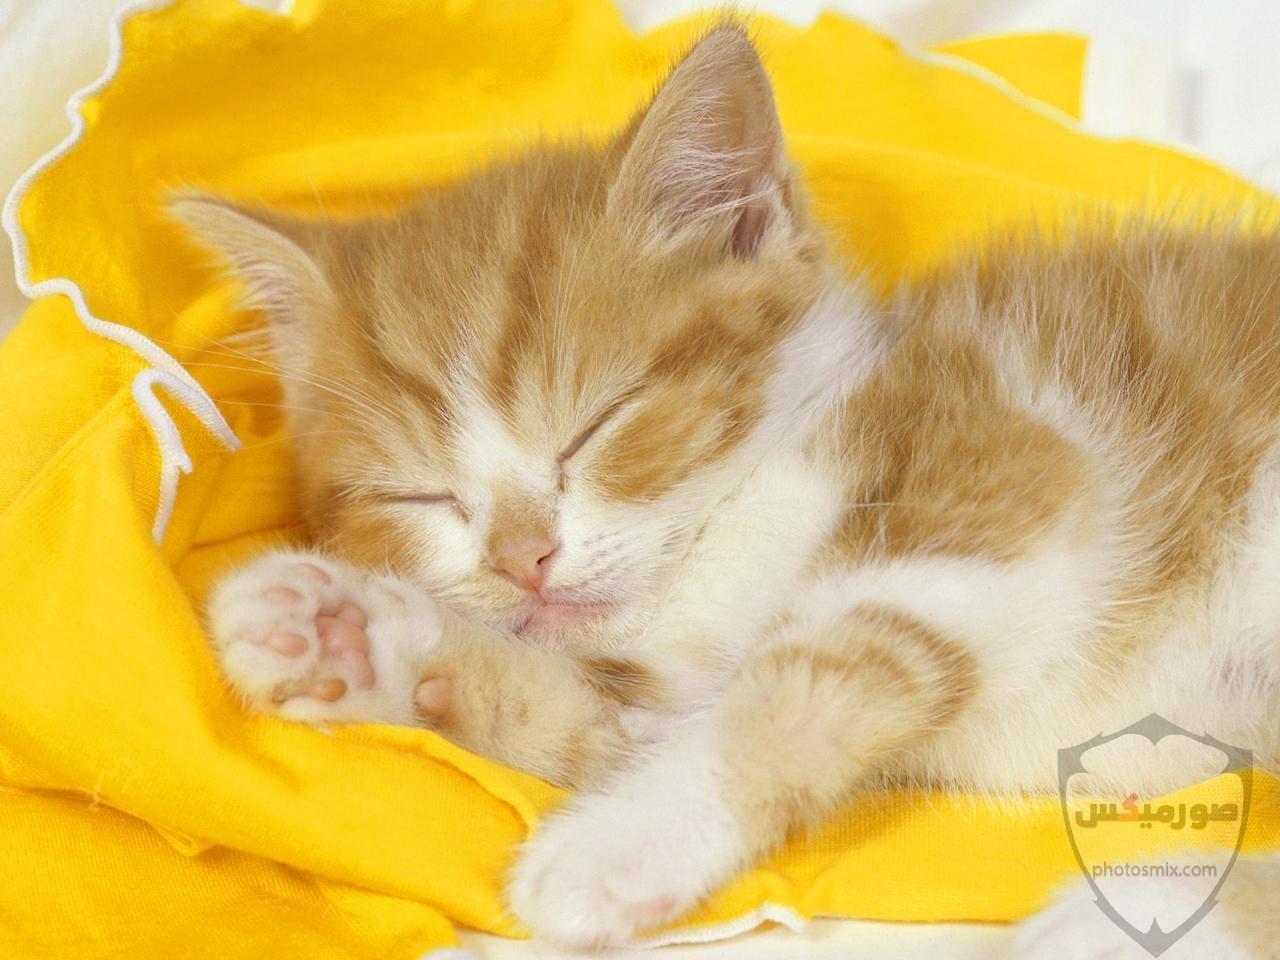 صور خلفيات رمزيات قطط كيوت صورة قطة كيوت جدا 44